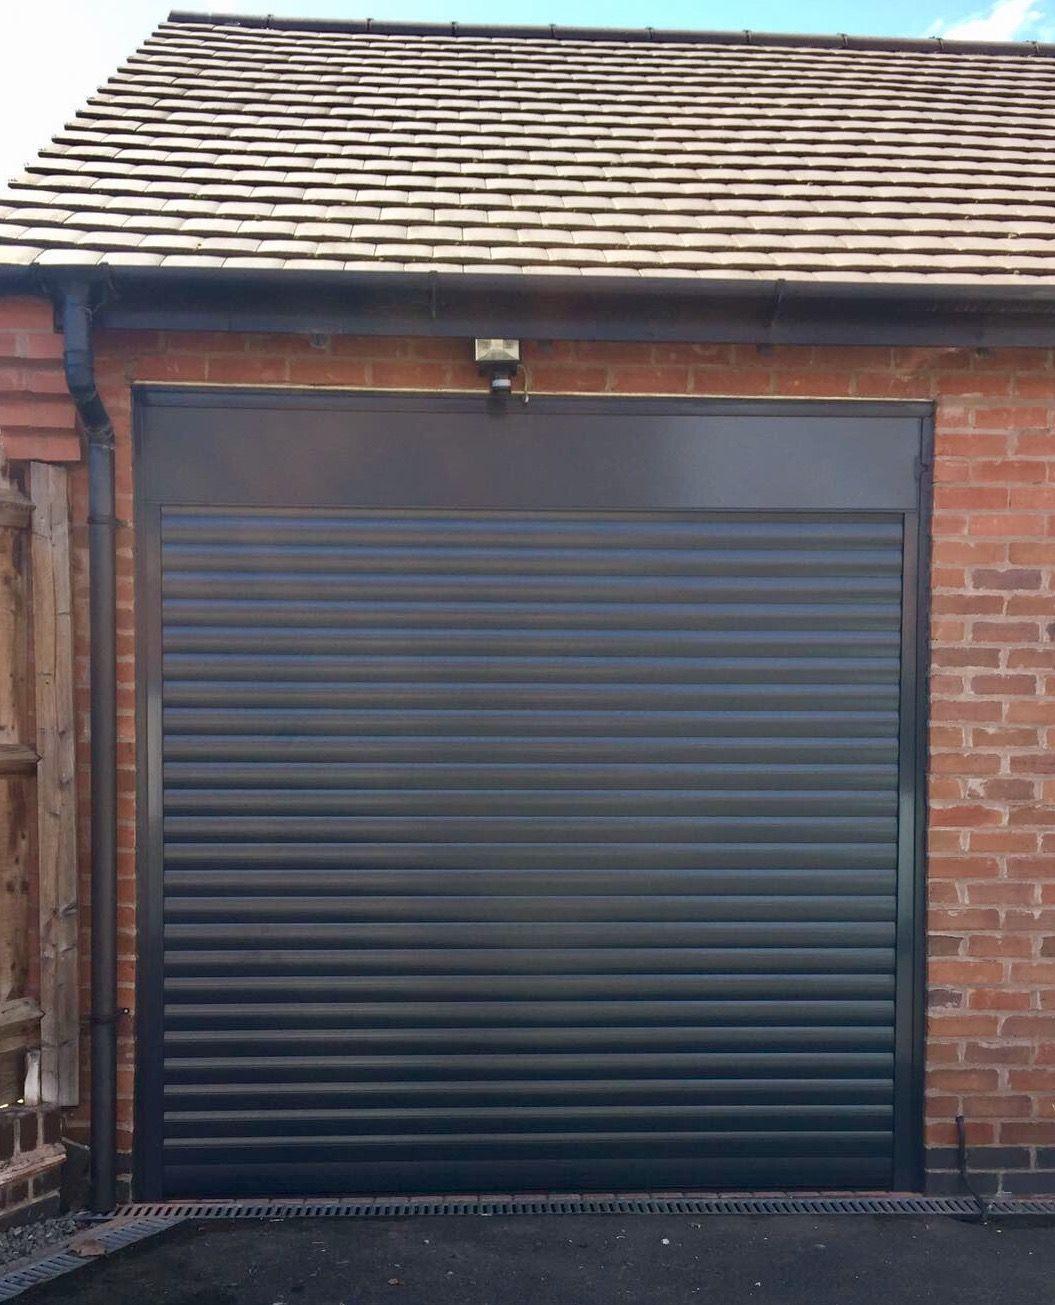 Pin By Karen Diaper On Garage In 2020 Roller Doors Garage Door Styles Garage Doors